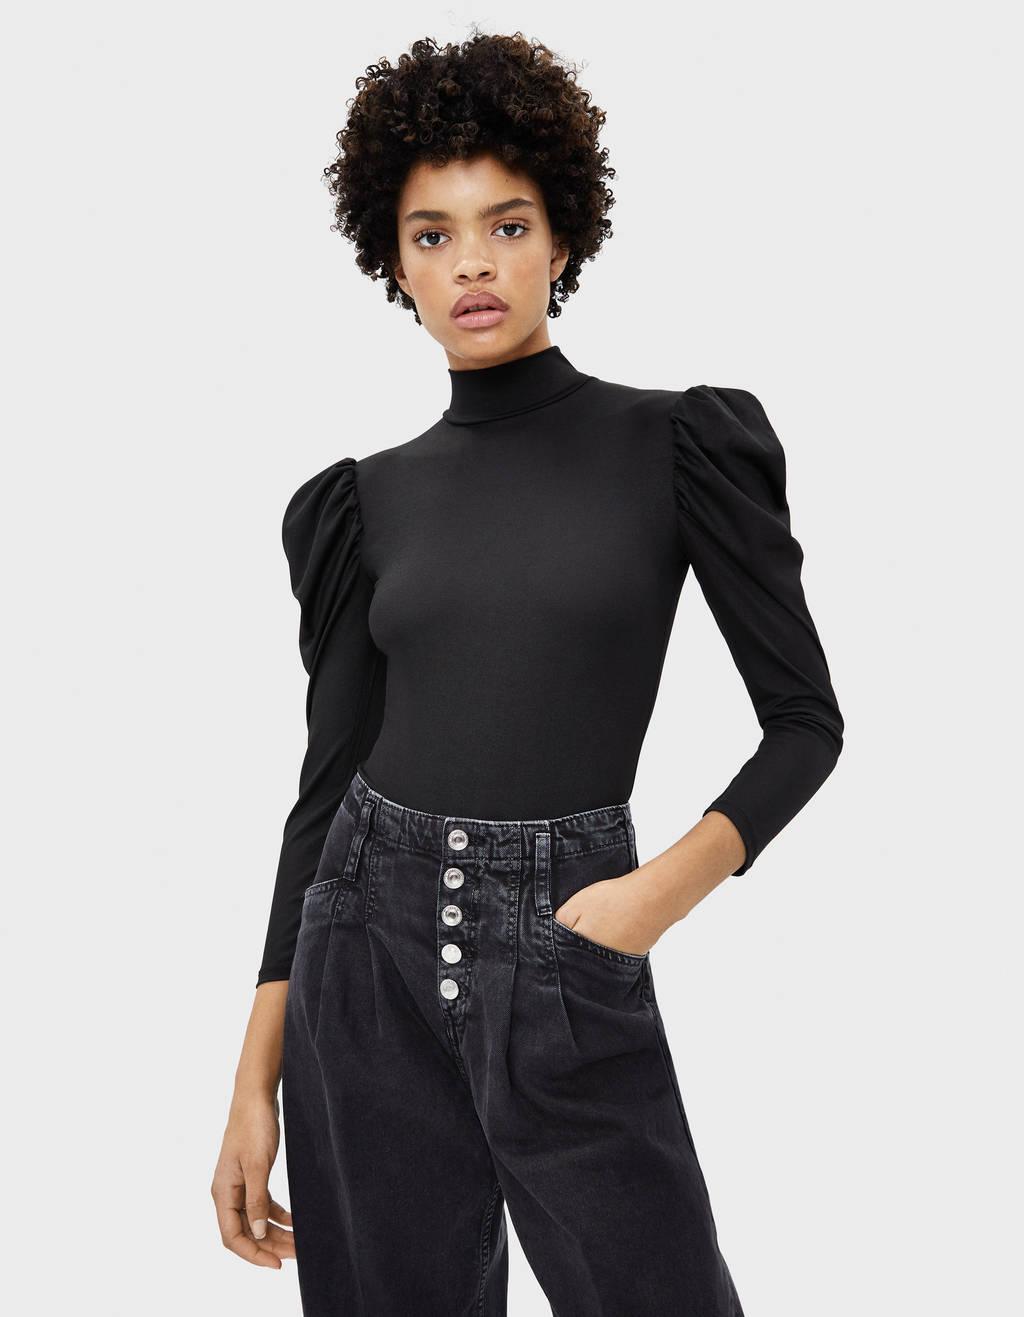 Puff sleeve bodysuit